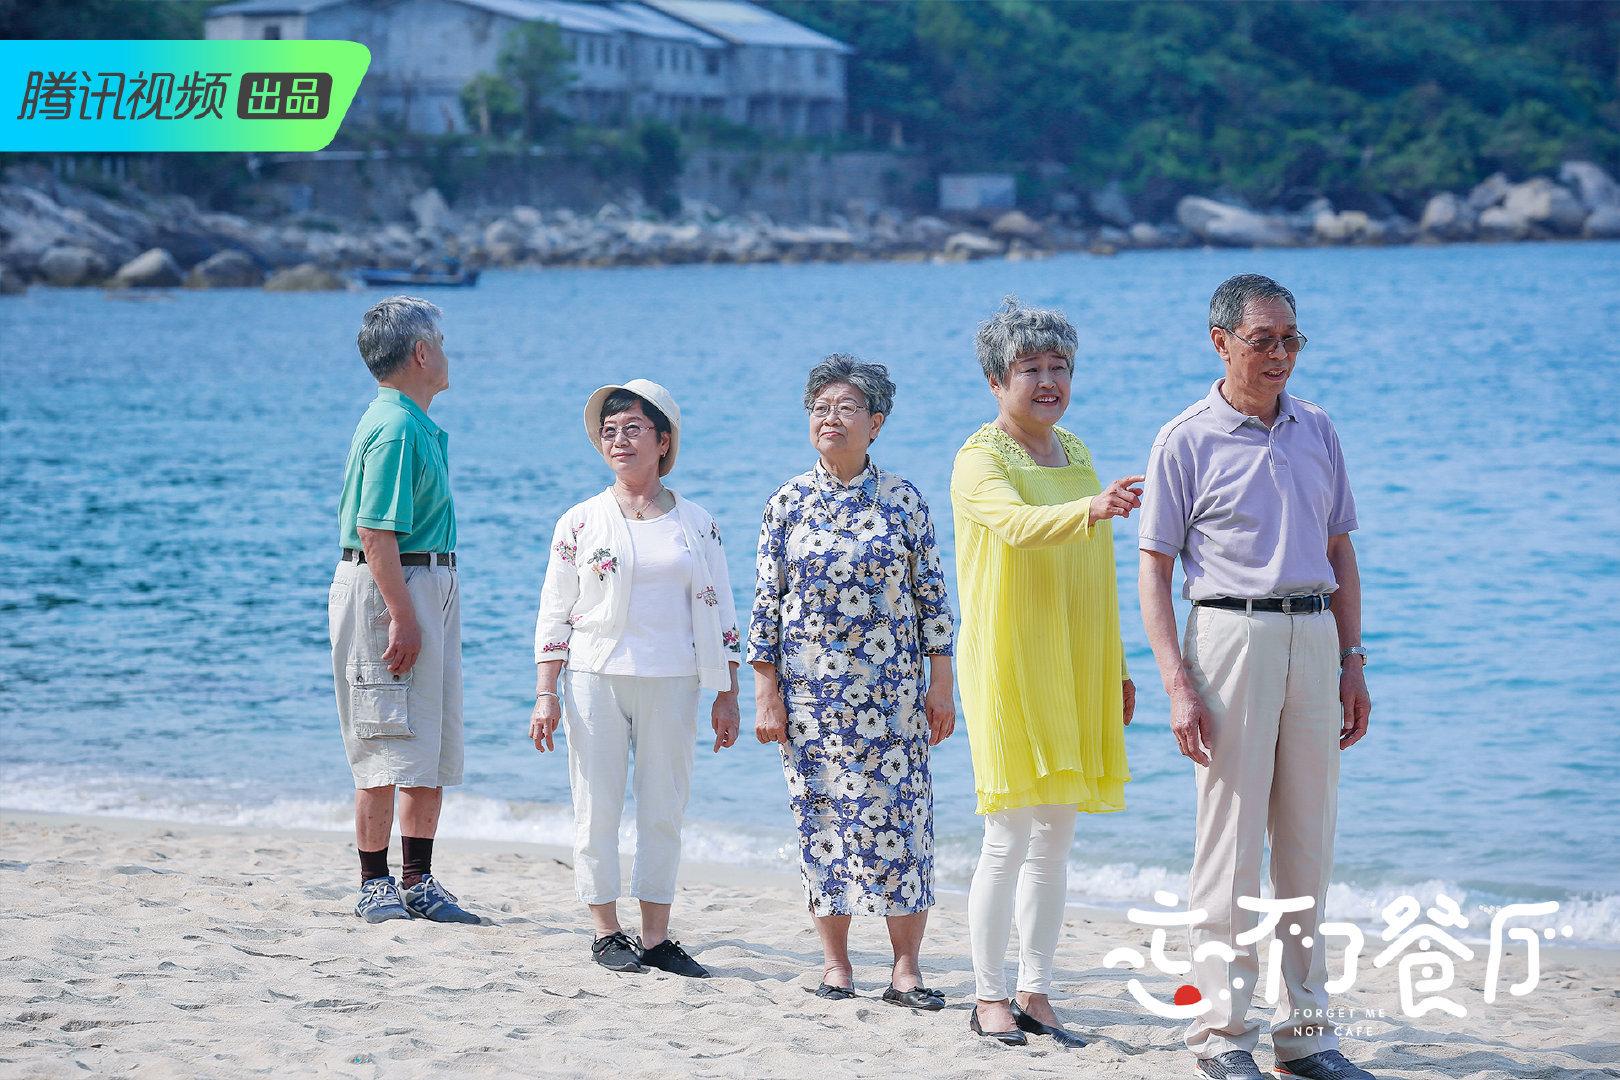 五位老人海边拍照.JPG